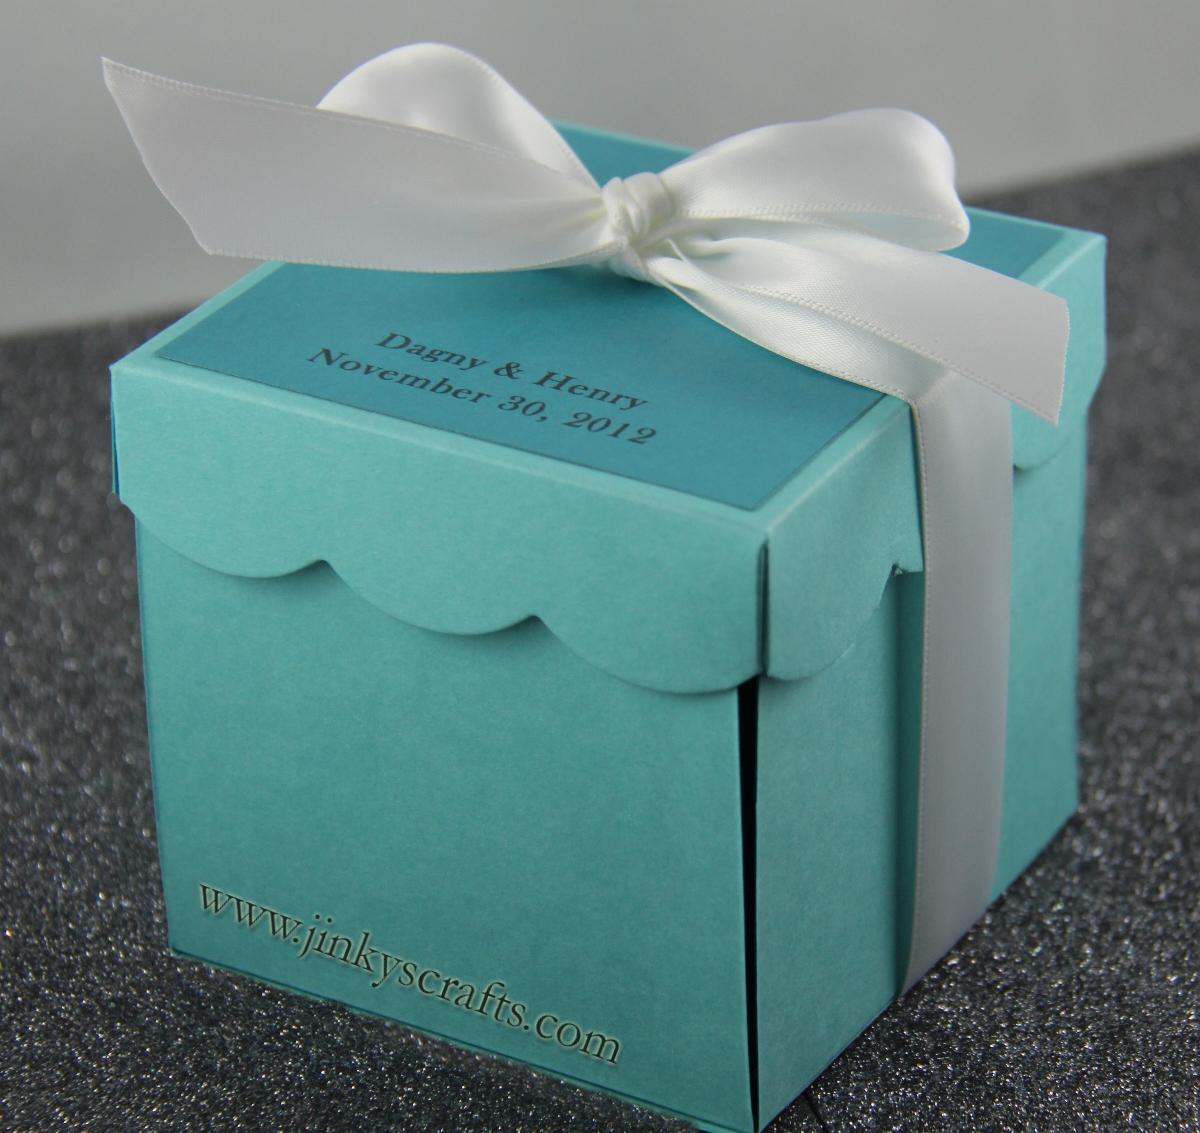 Unique Wedding Invitations In A Box: Jinky's Crafts & Designs: Tiffany Inspired Invitation Box